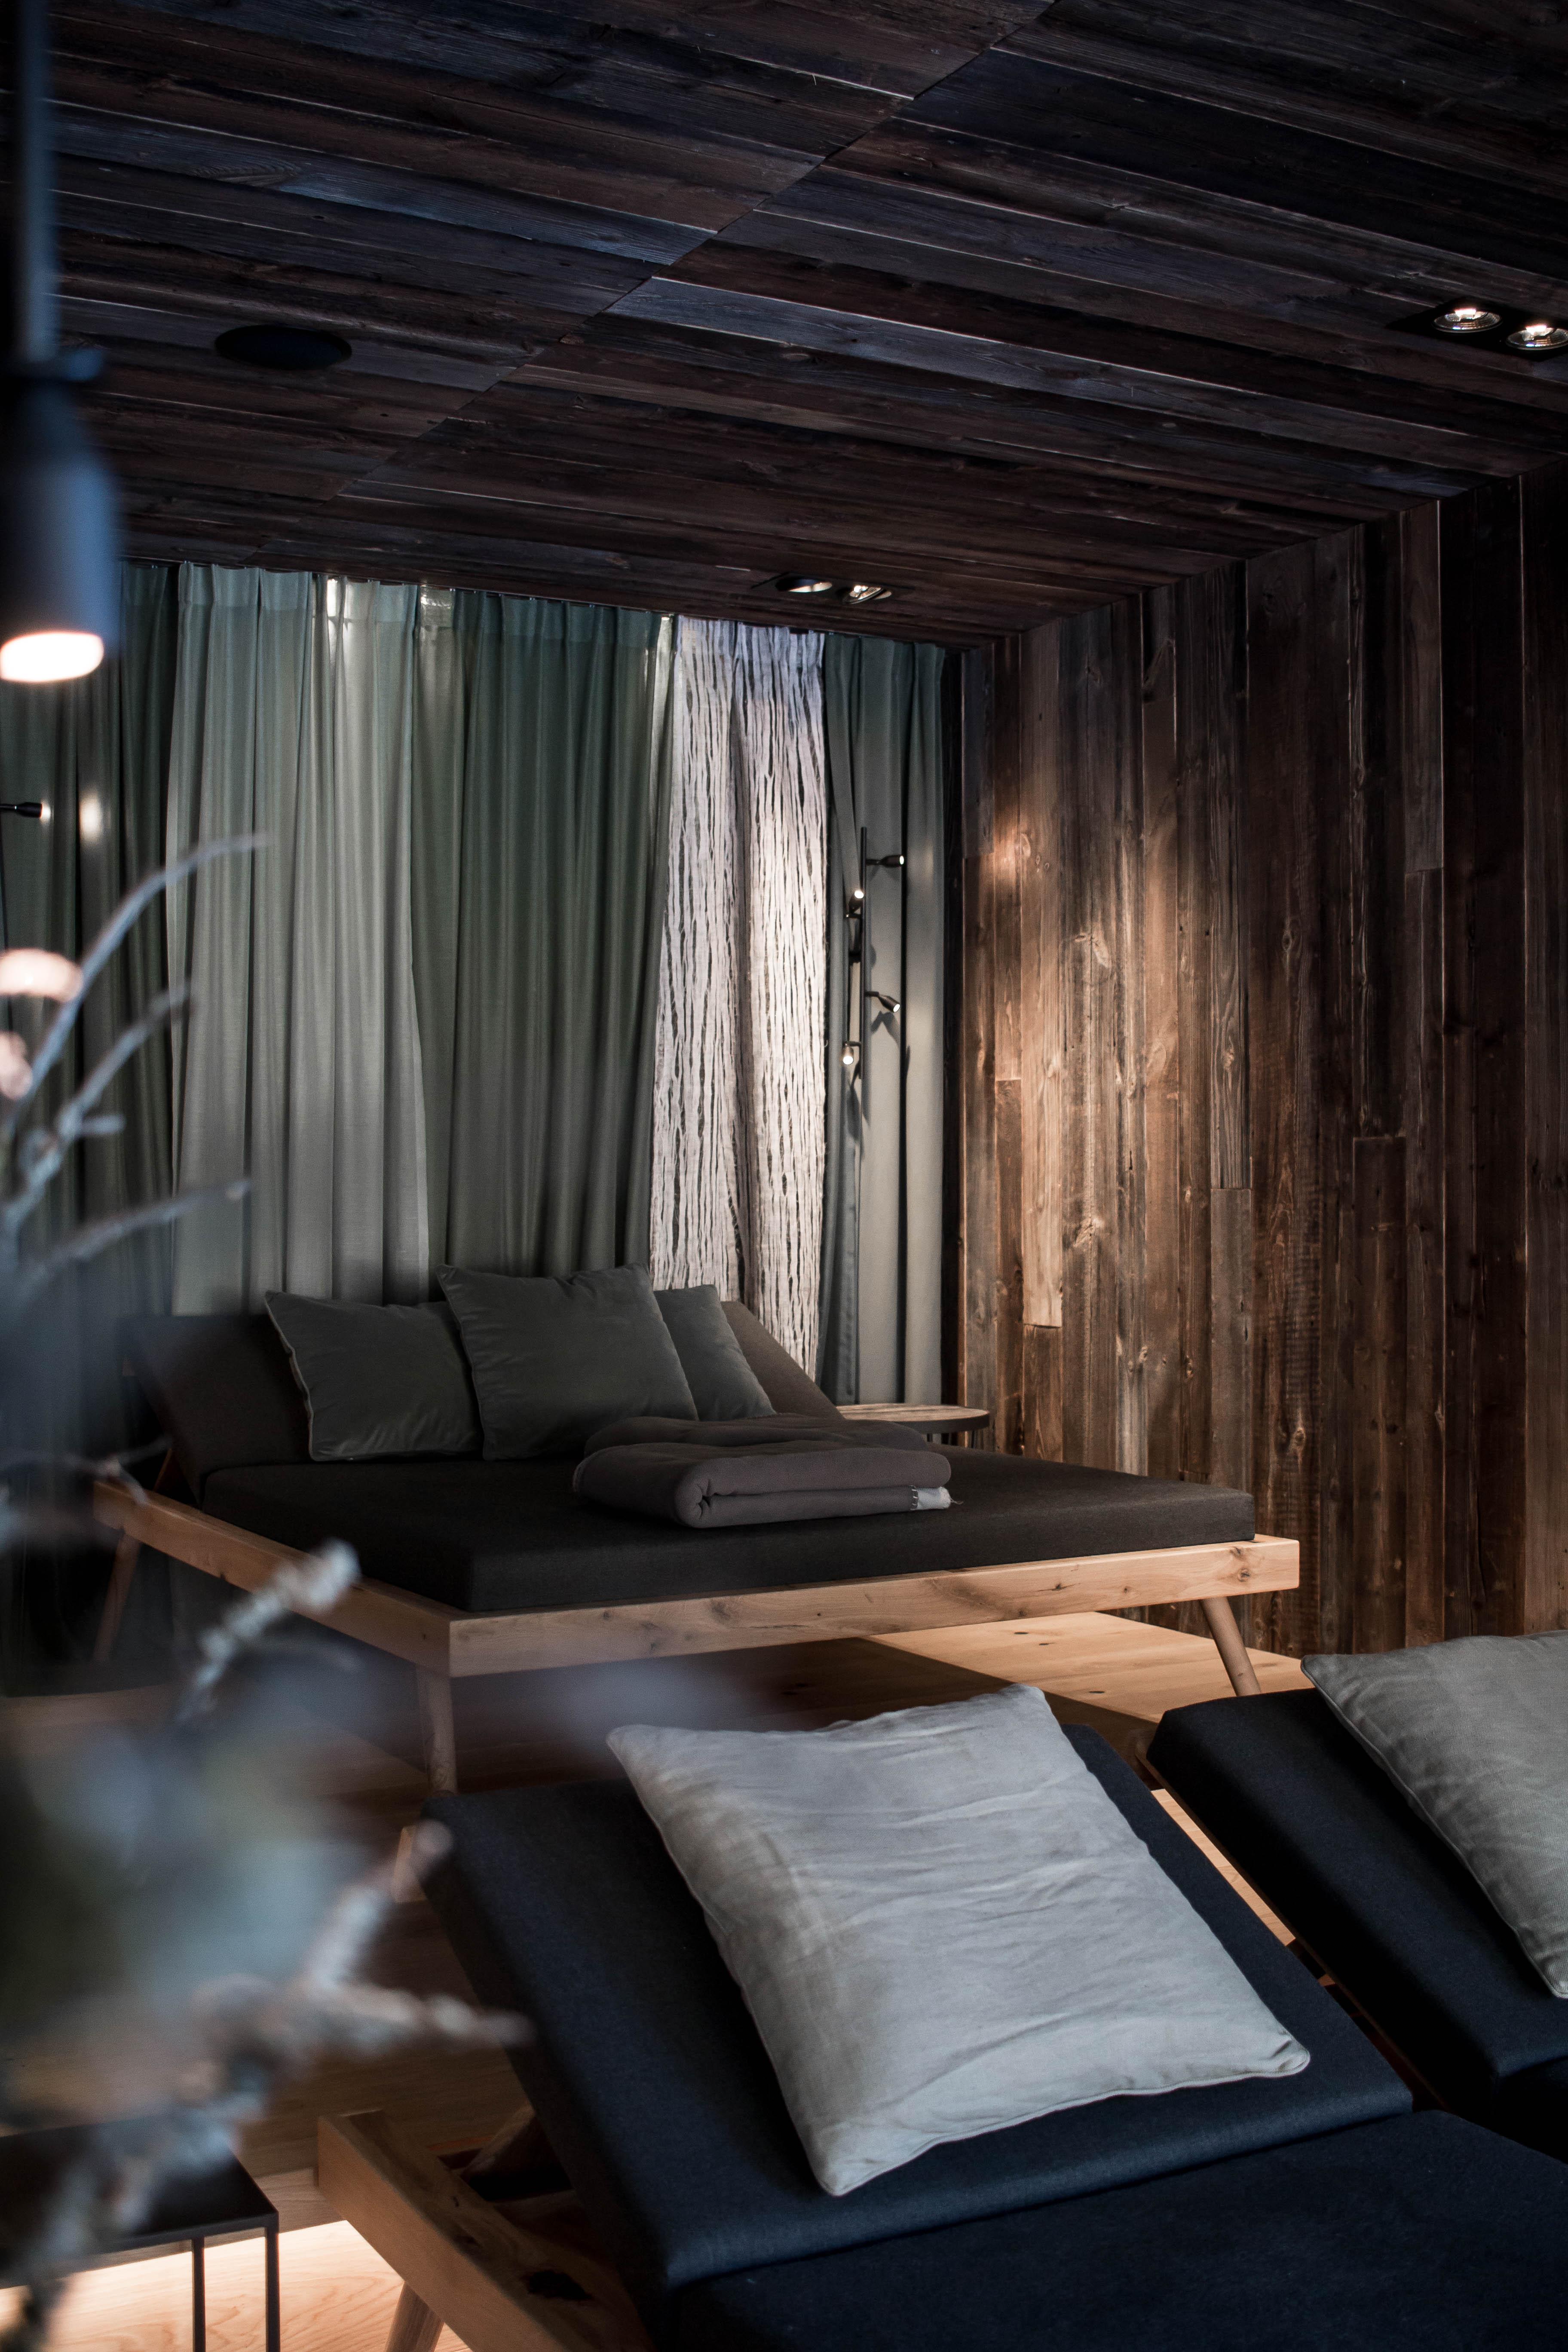 naturhotel-forsthofgut-annalaurakummer-hotel-review-5